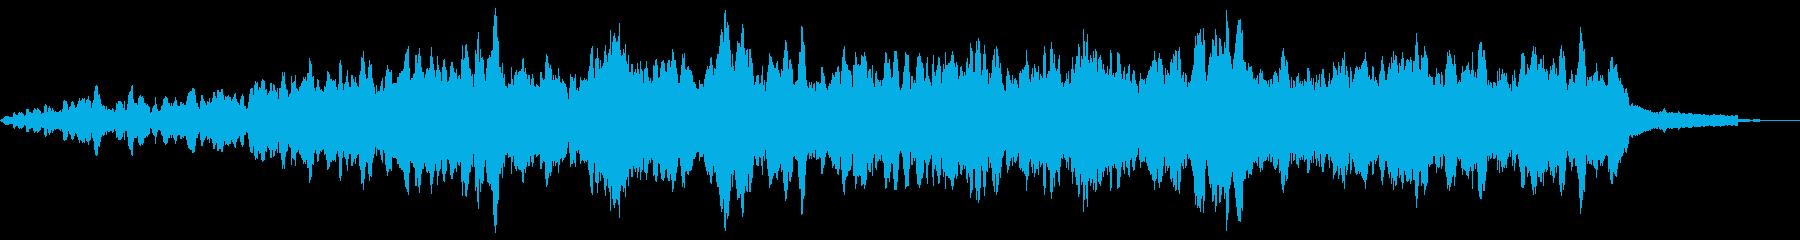 エレクトロニック 環境 説明的 希...の再生済みの波形